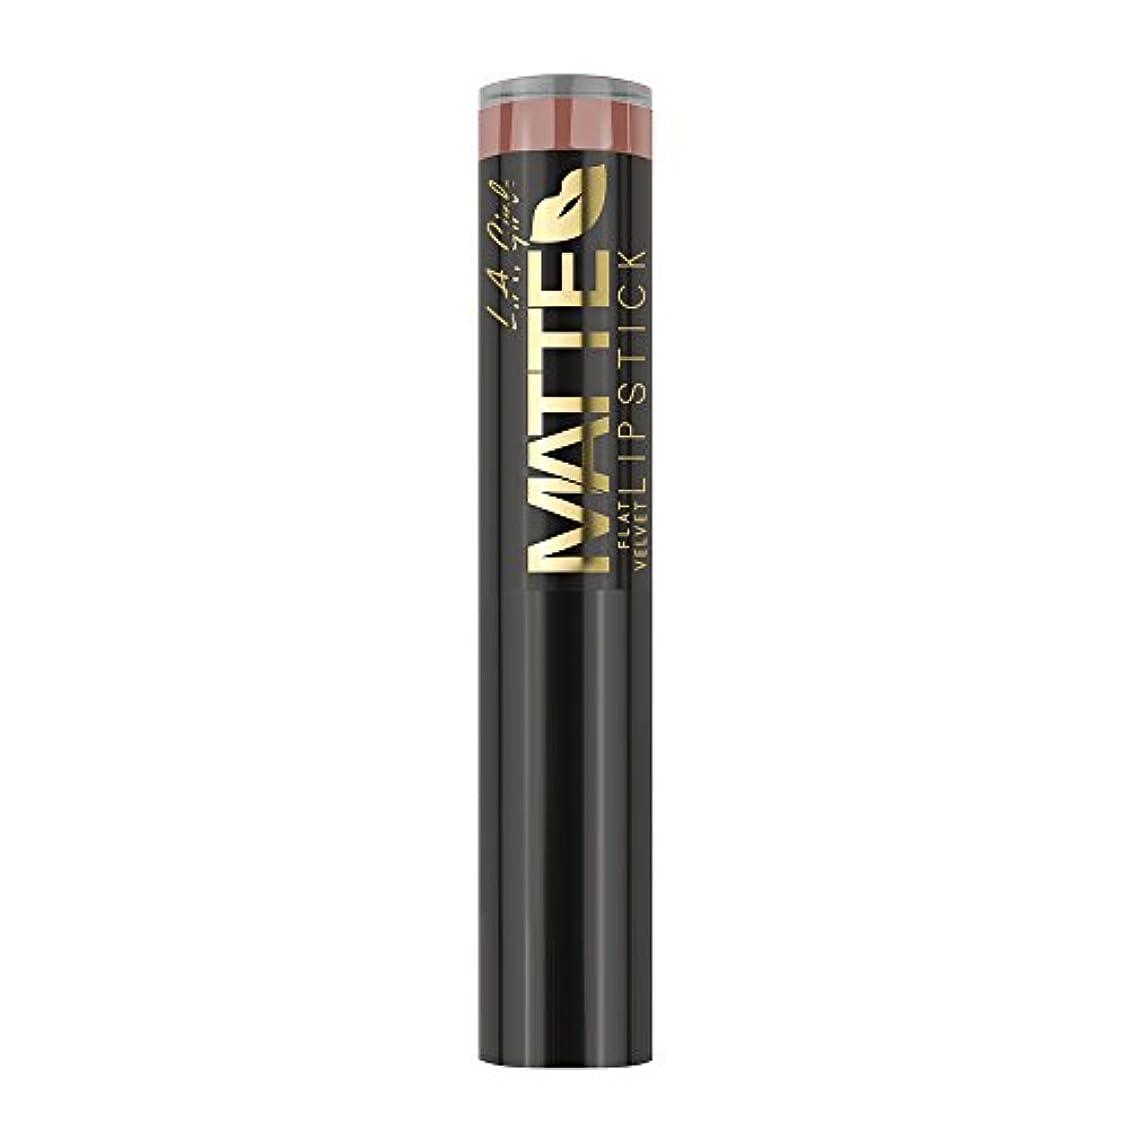 案件政治家の世界記録のギネスブックL.A. GIRL Matte Flat Velvet Lipstick Snuggle (並行輸入品)